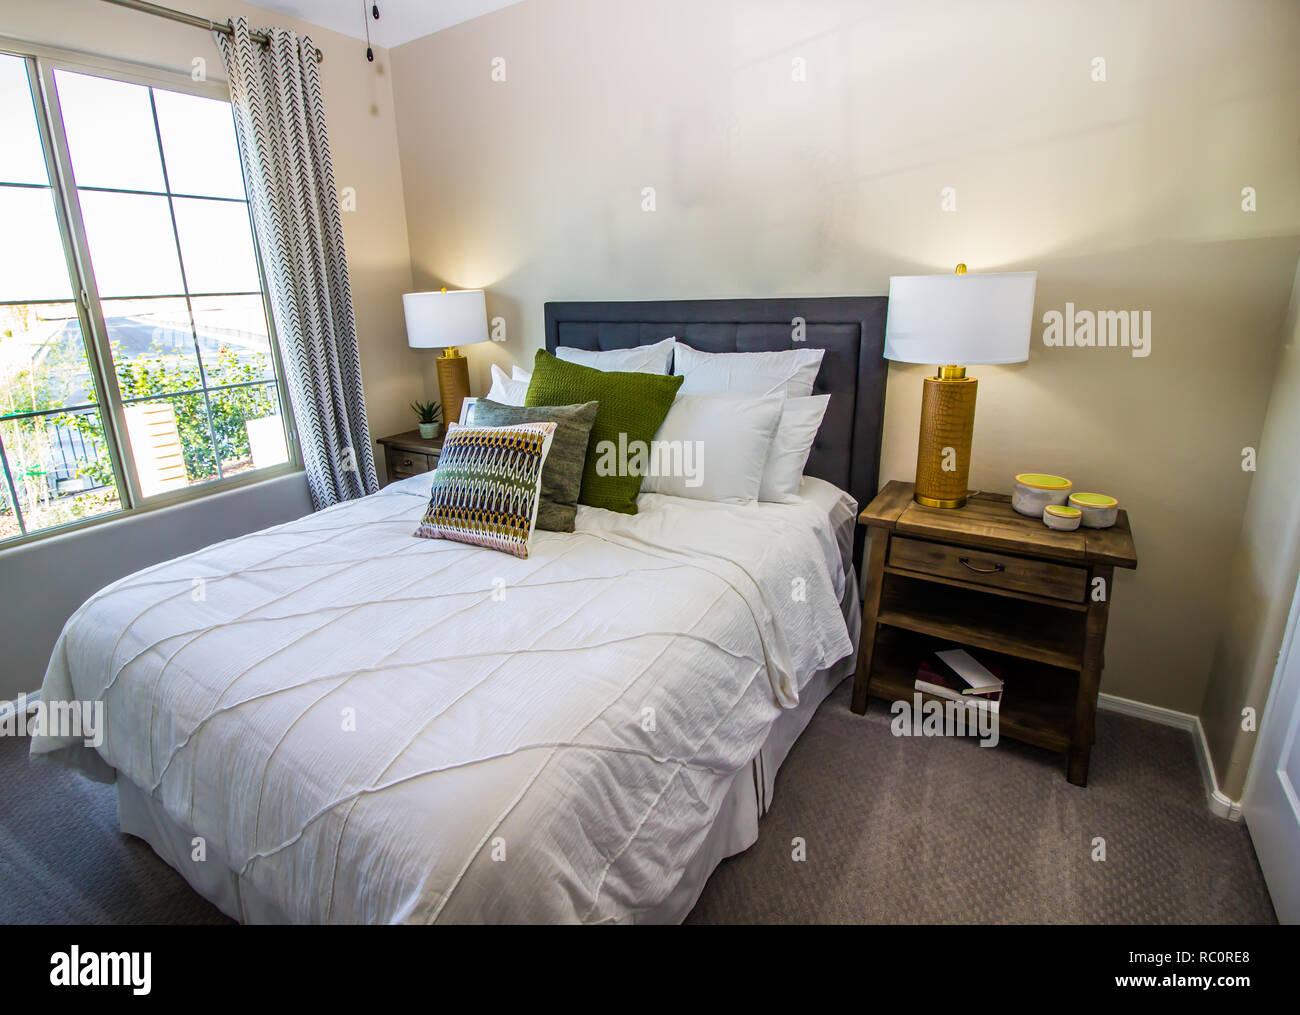 Chambre à coucher moderne avec lit double, lampes de chevet ...